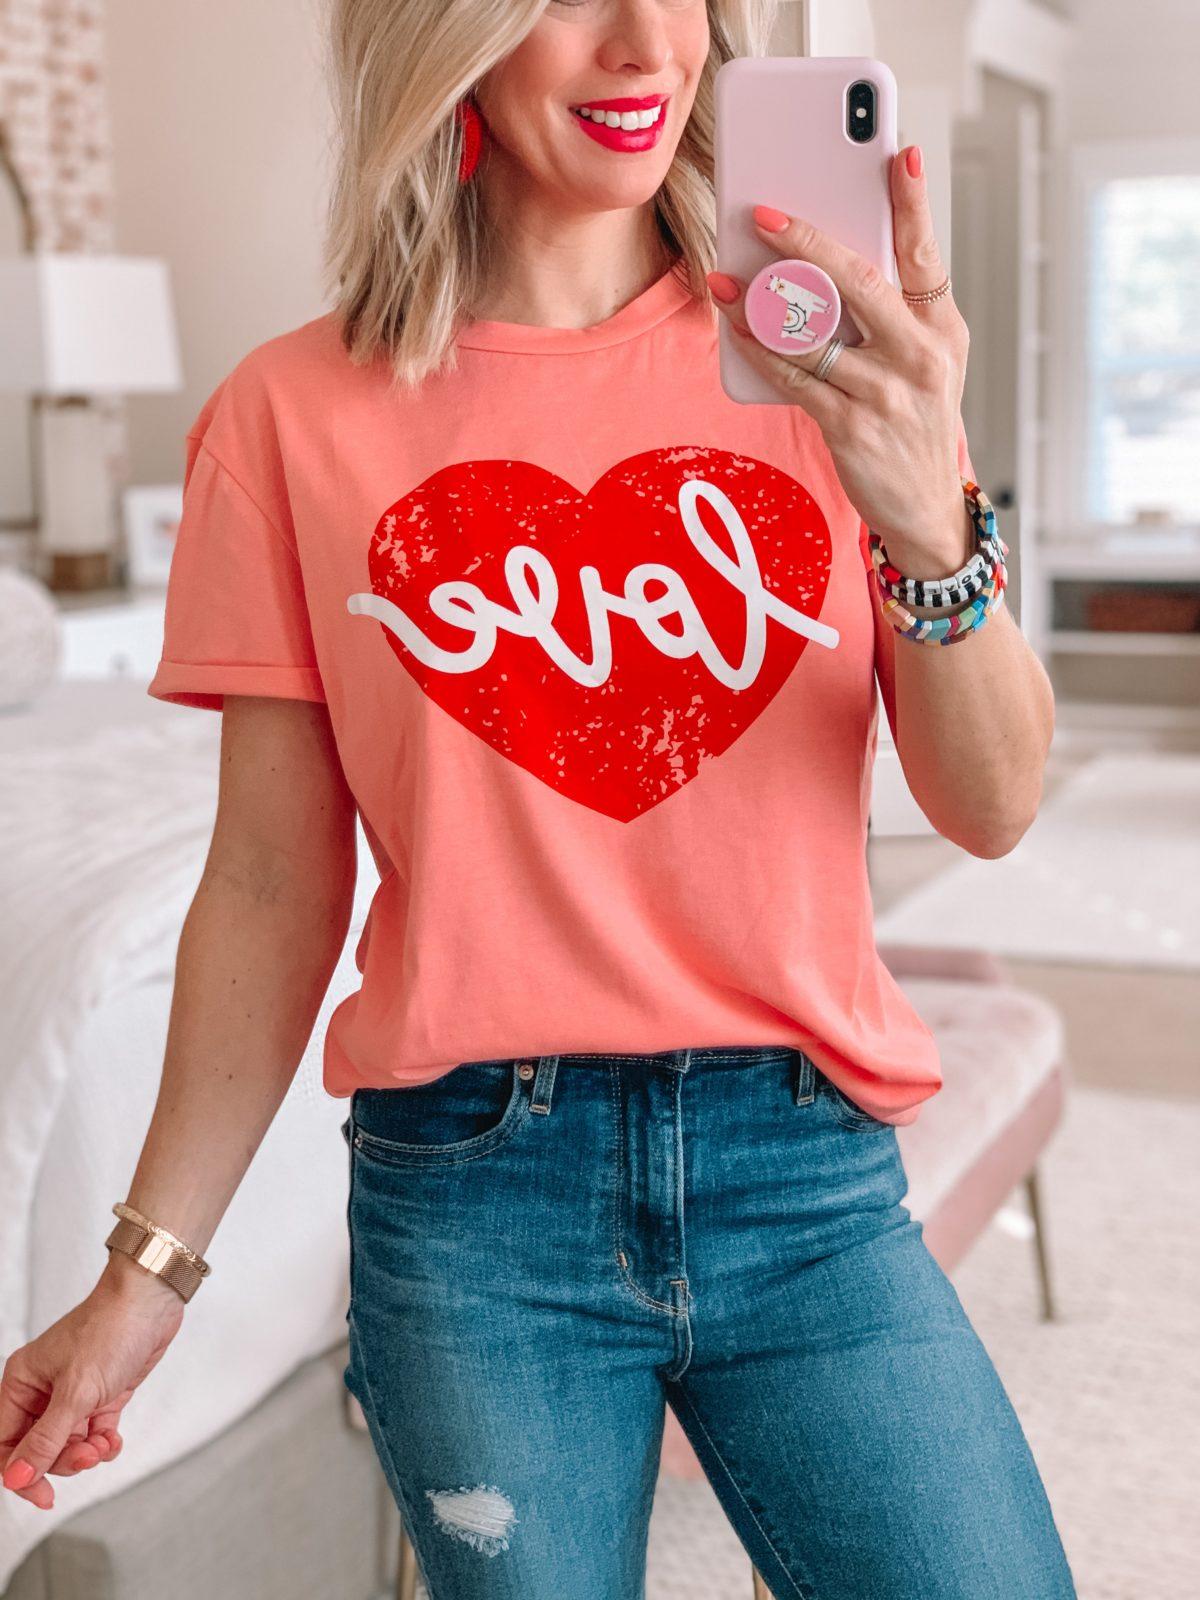 Love Tee, Jeans, Enamel Bracelets